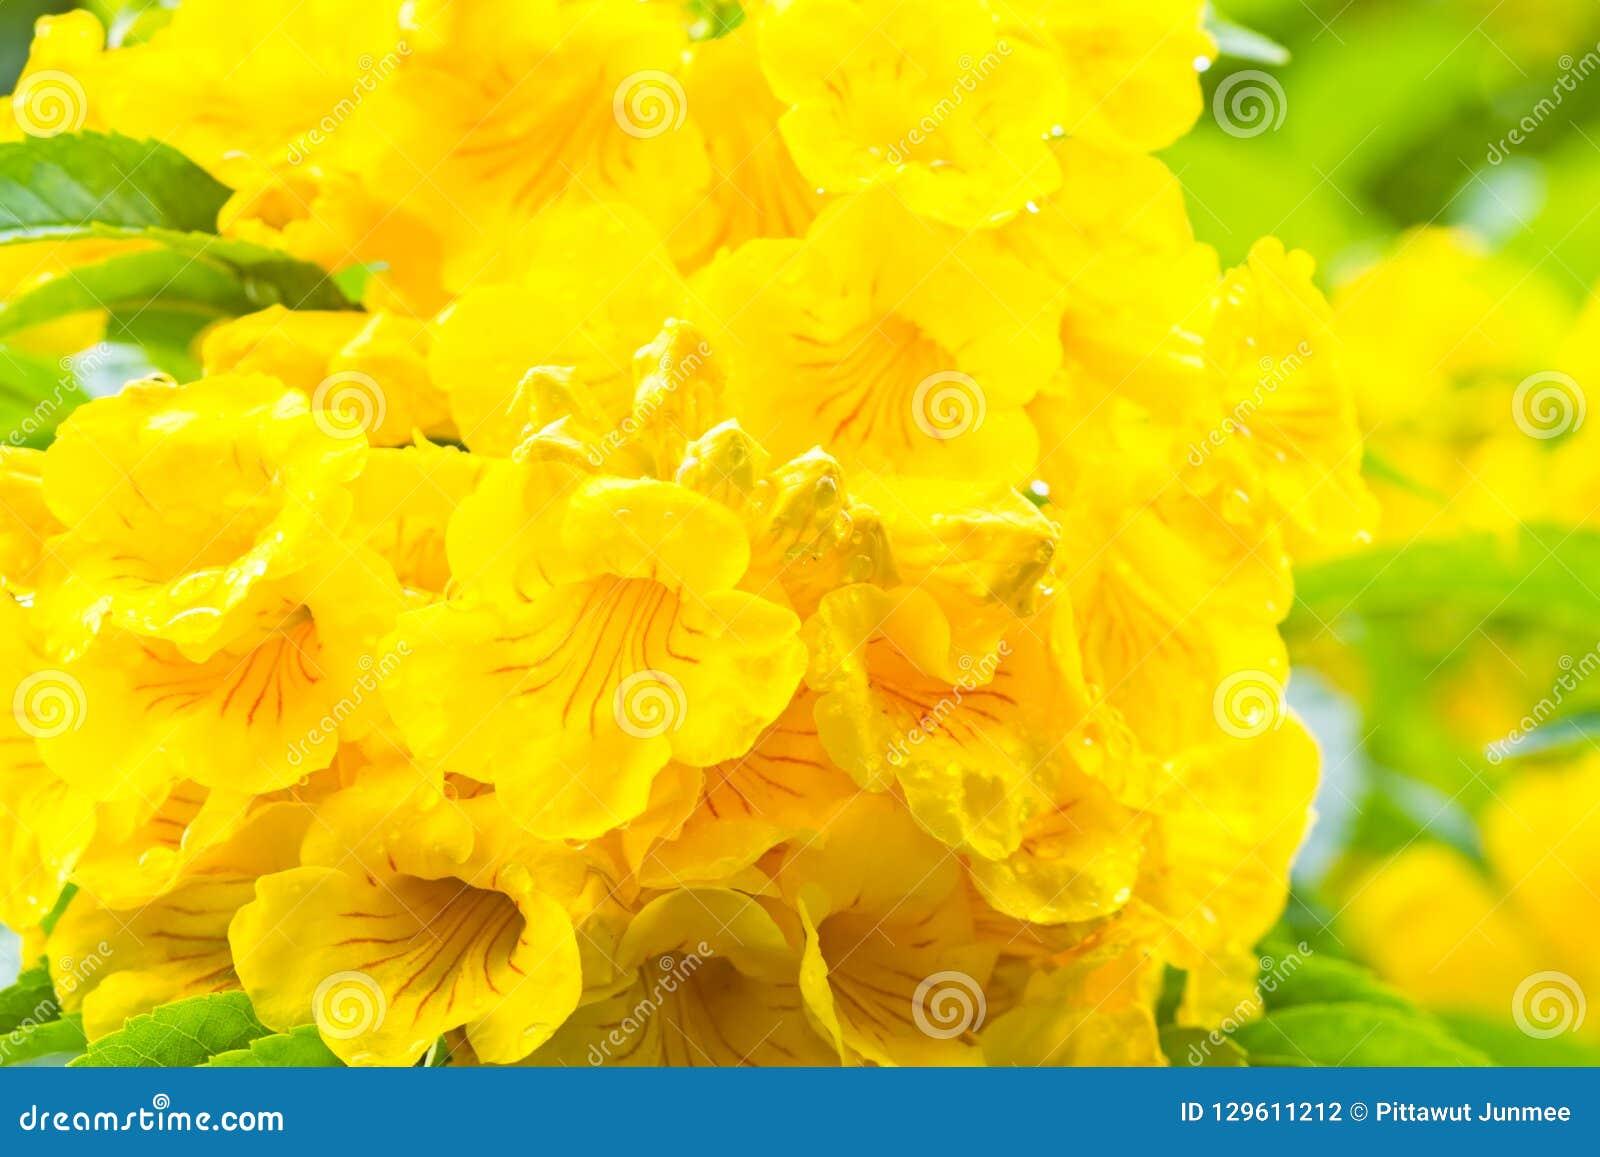 Zamyka w górę Żółtej starszej osoby, Żółci dzwony, lub Trumpetflower, Naukowy imię jest Tecoma stans